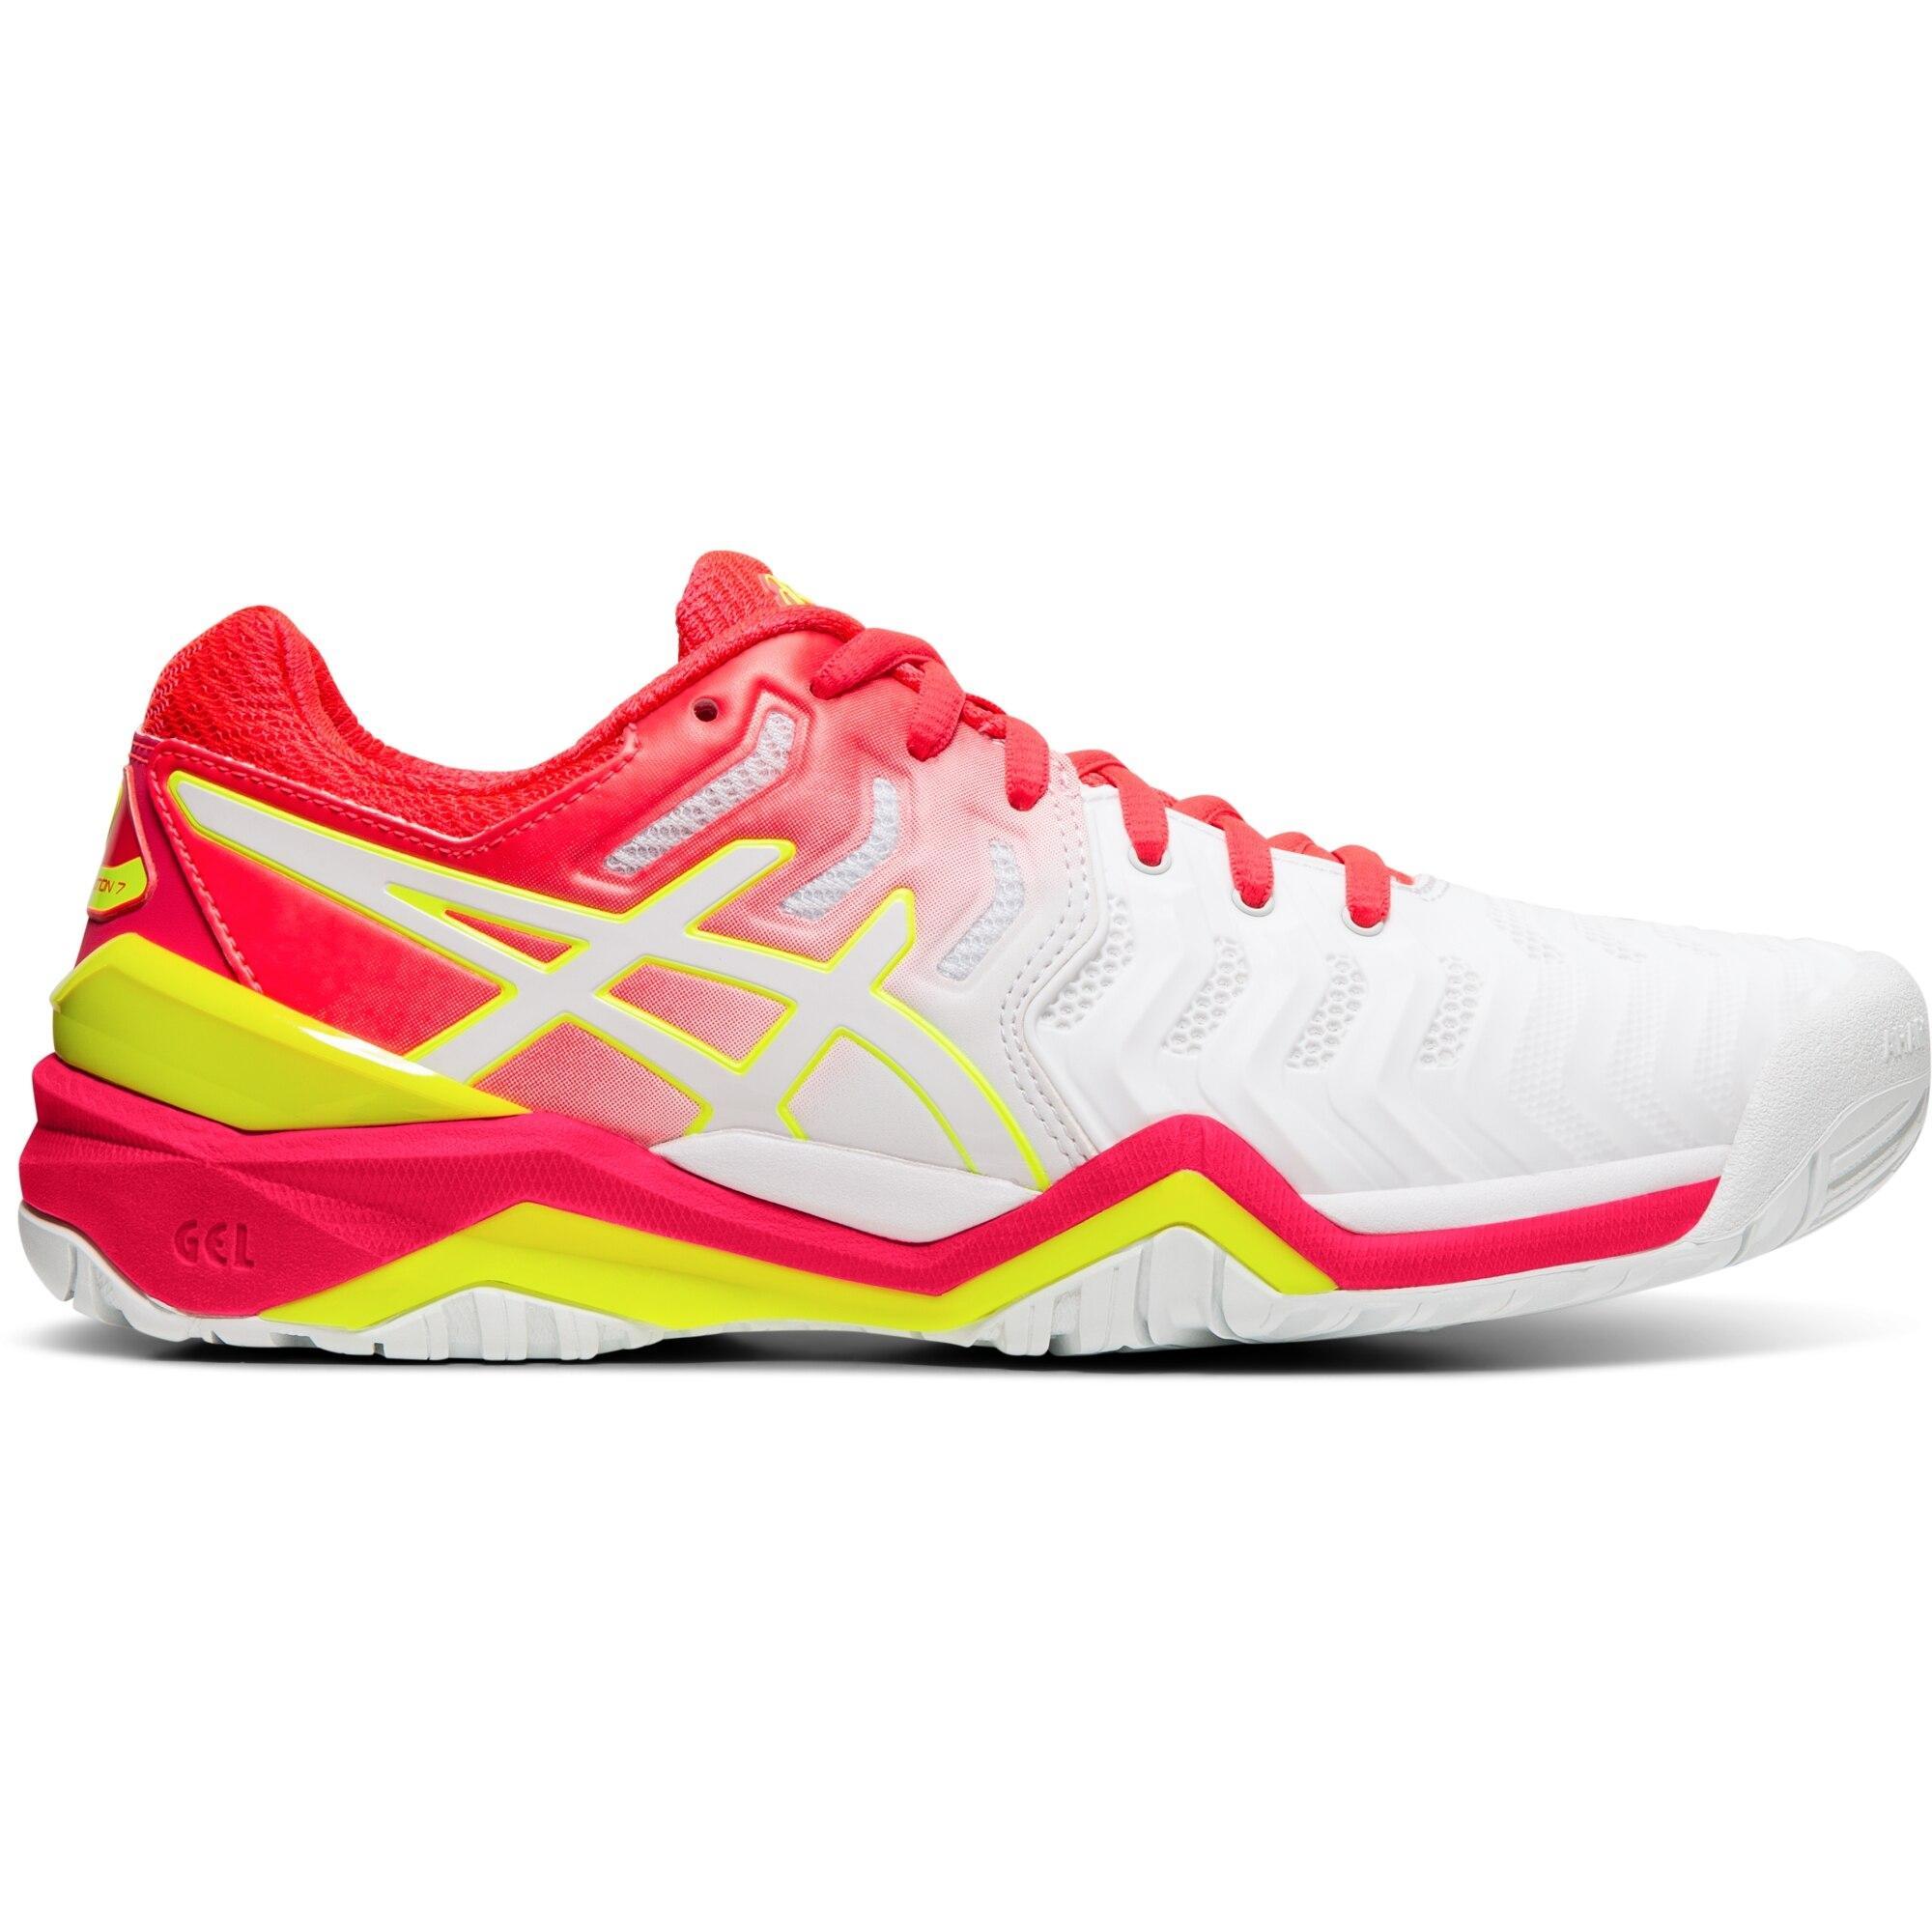 Asics Womens GEL-Resolution 7 Tennis